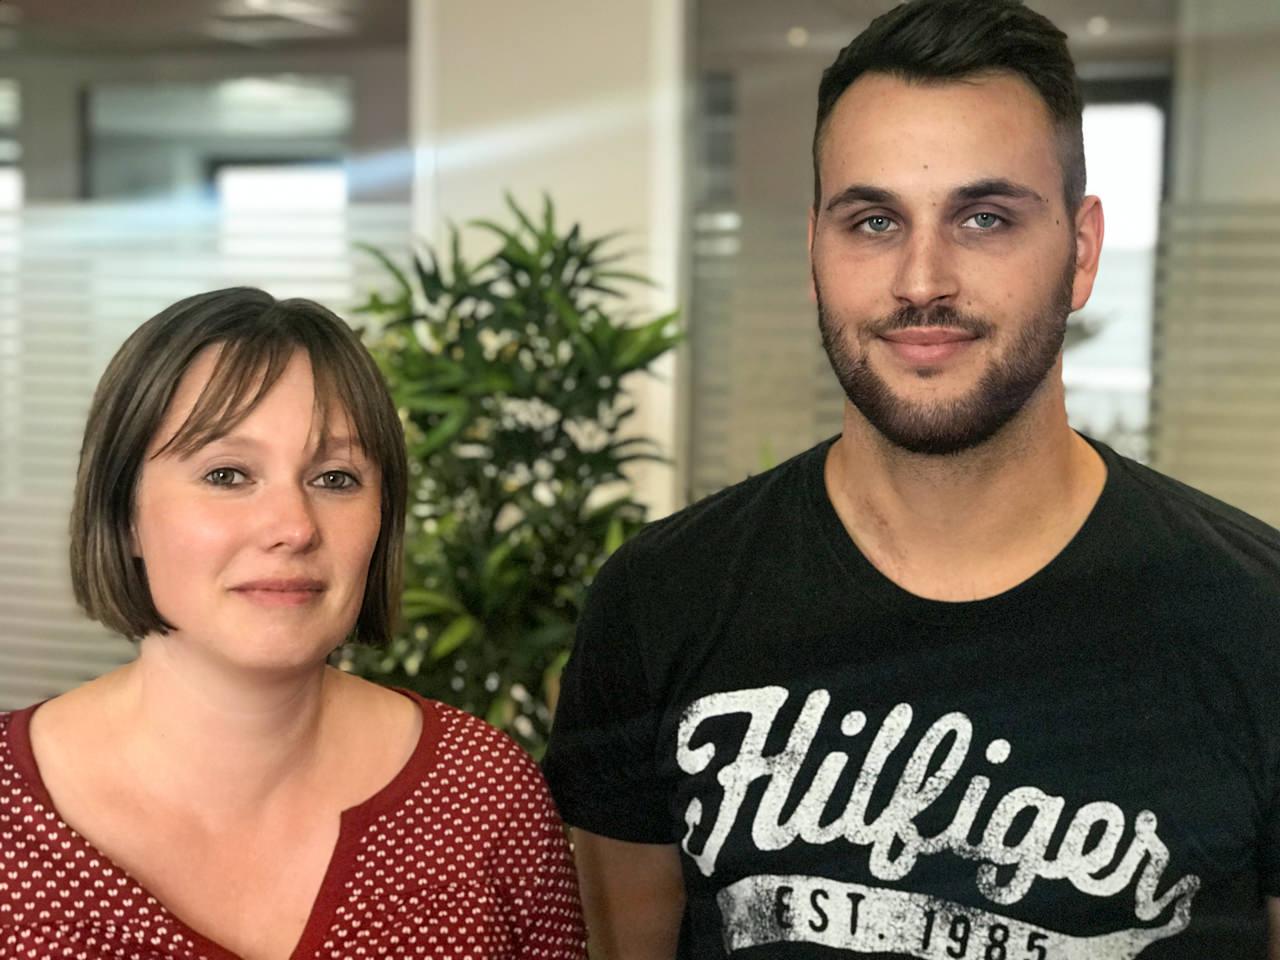 Das IP-Team begrüßt zwei weitere neue Mitarbeiter in seinen Reihen